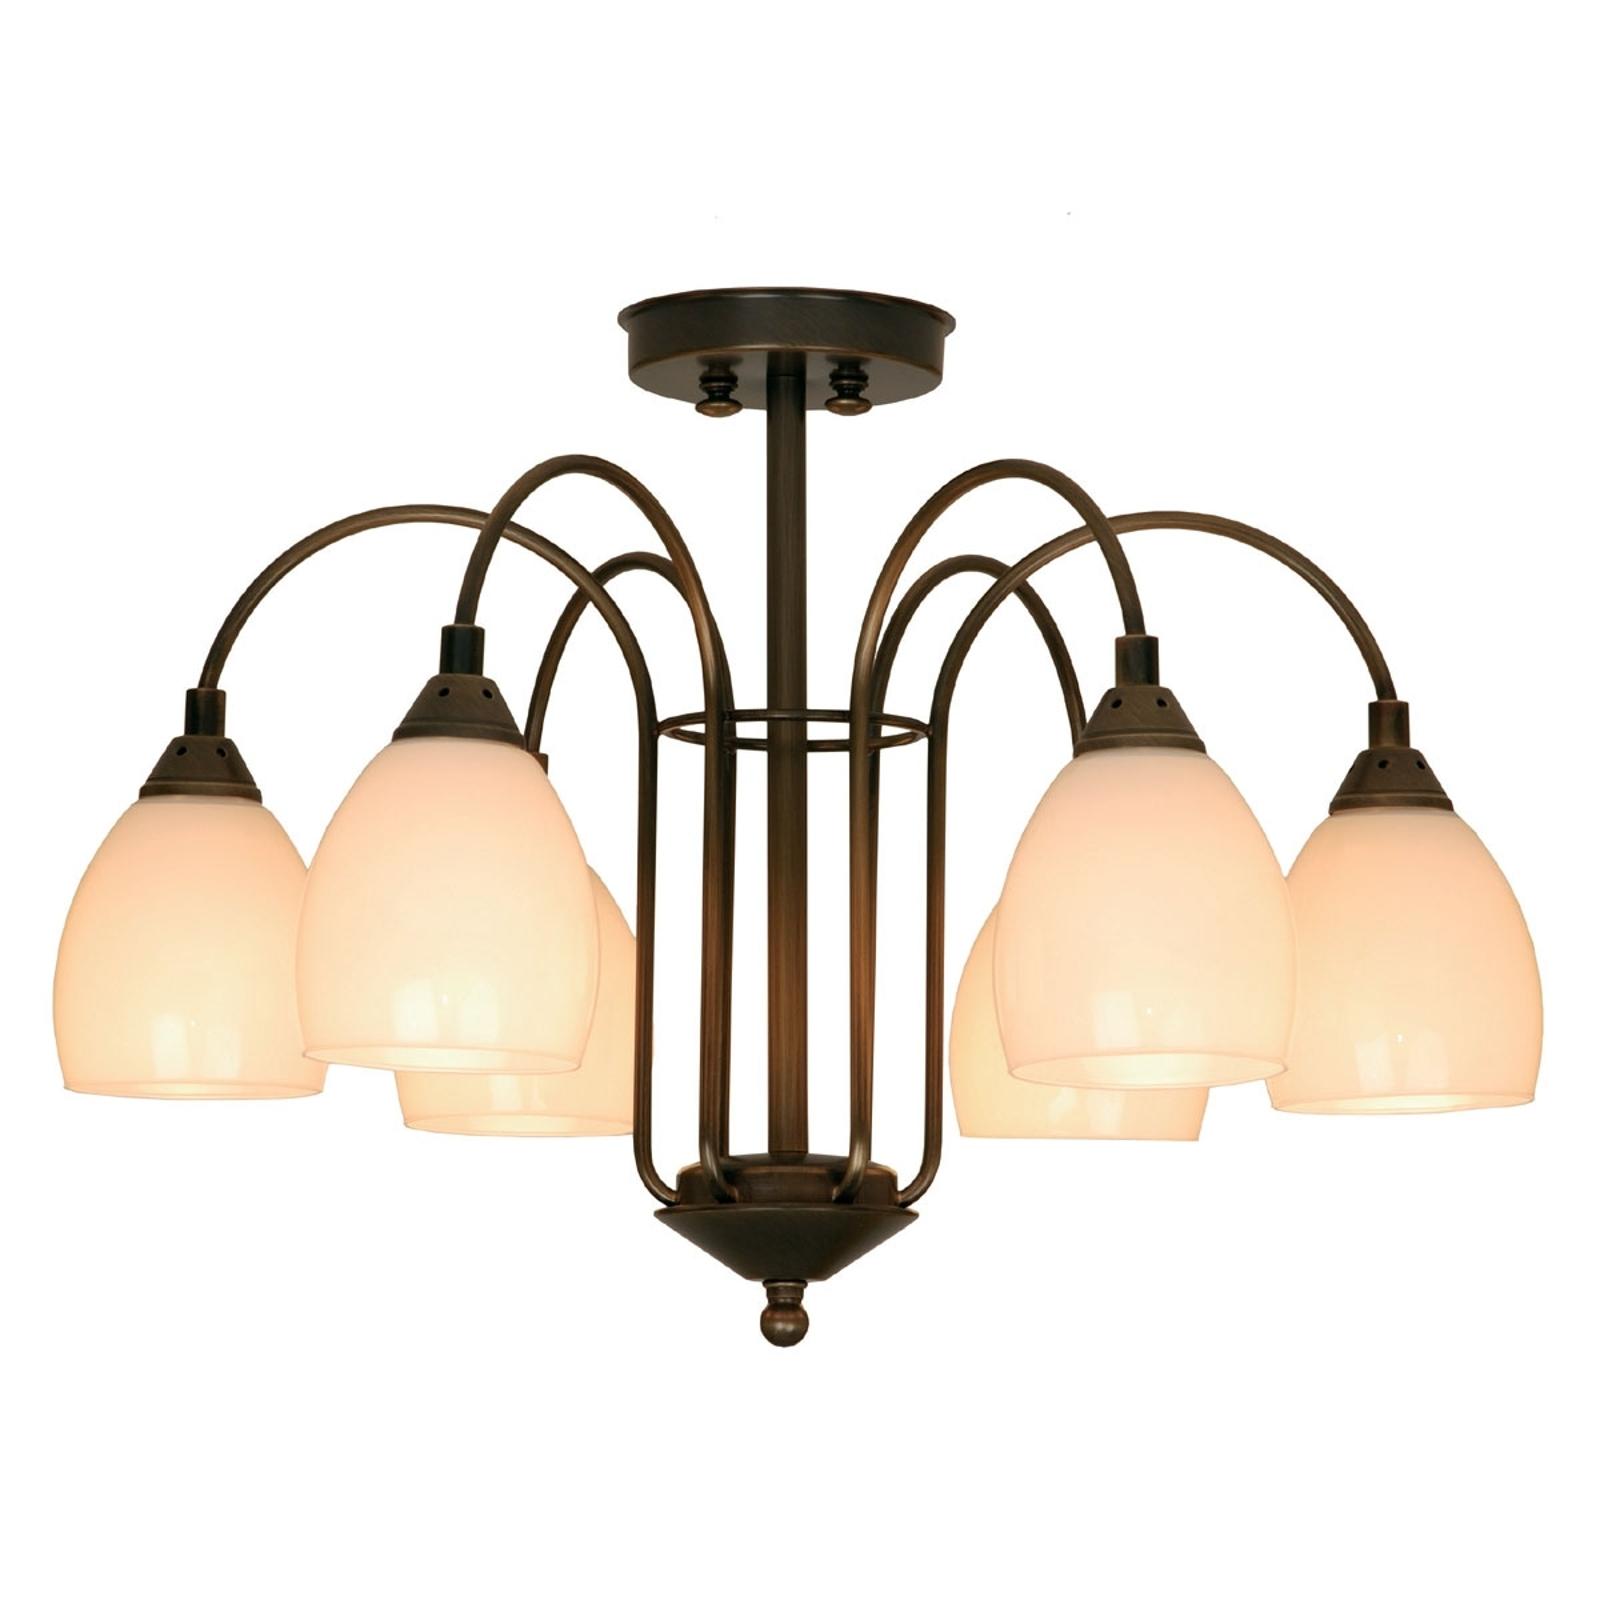 Stilfull plafondlampa ANNO 1900, med 6 ljuskällor